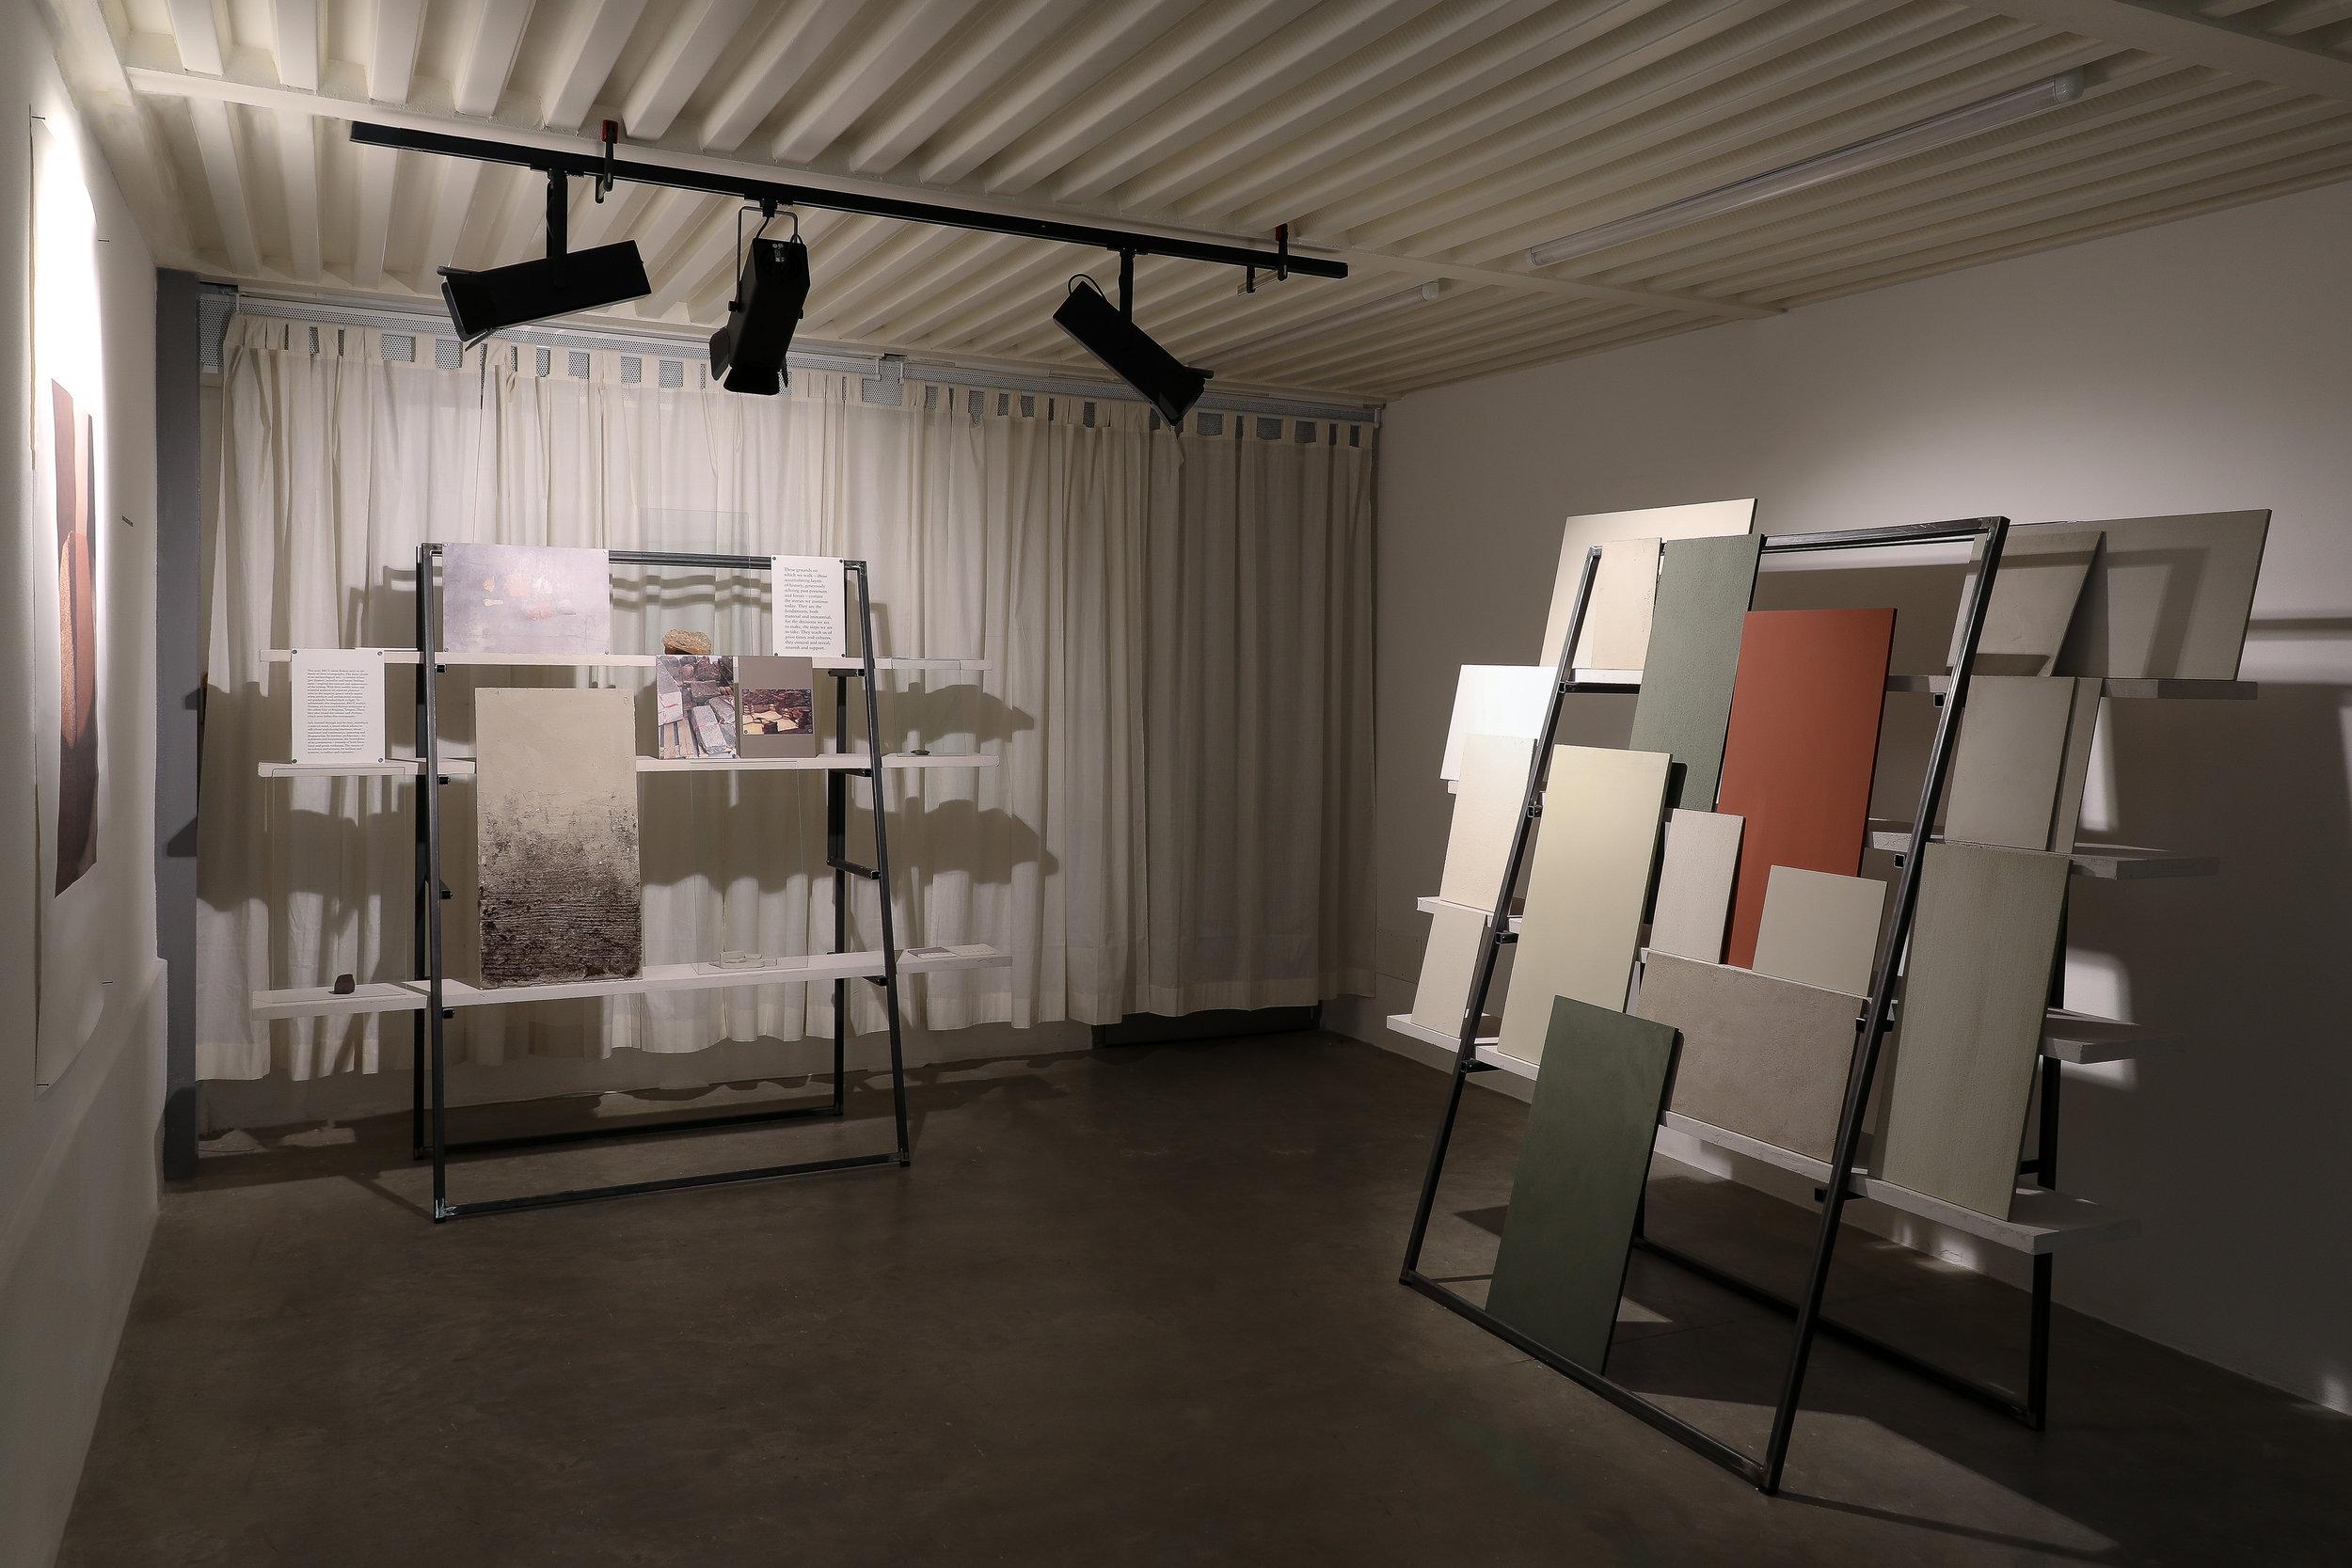 MAD Jeanne - Antoine_Sample set-up_Milaan2019_©️Eline Willaert_ 6.jpg